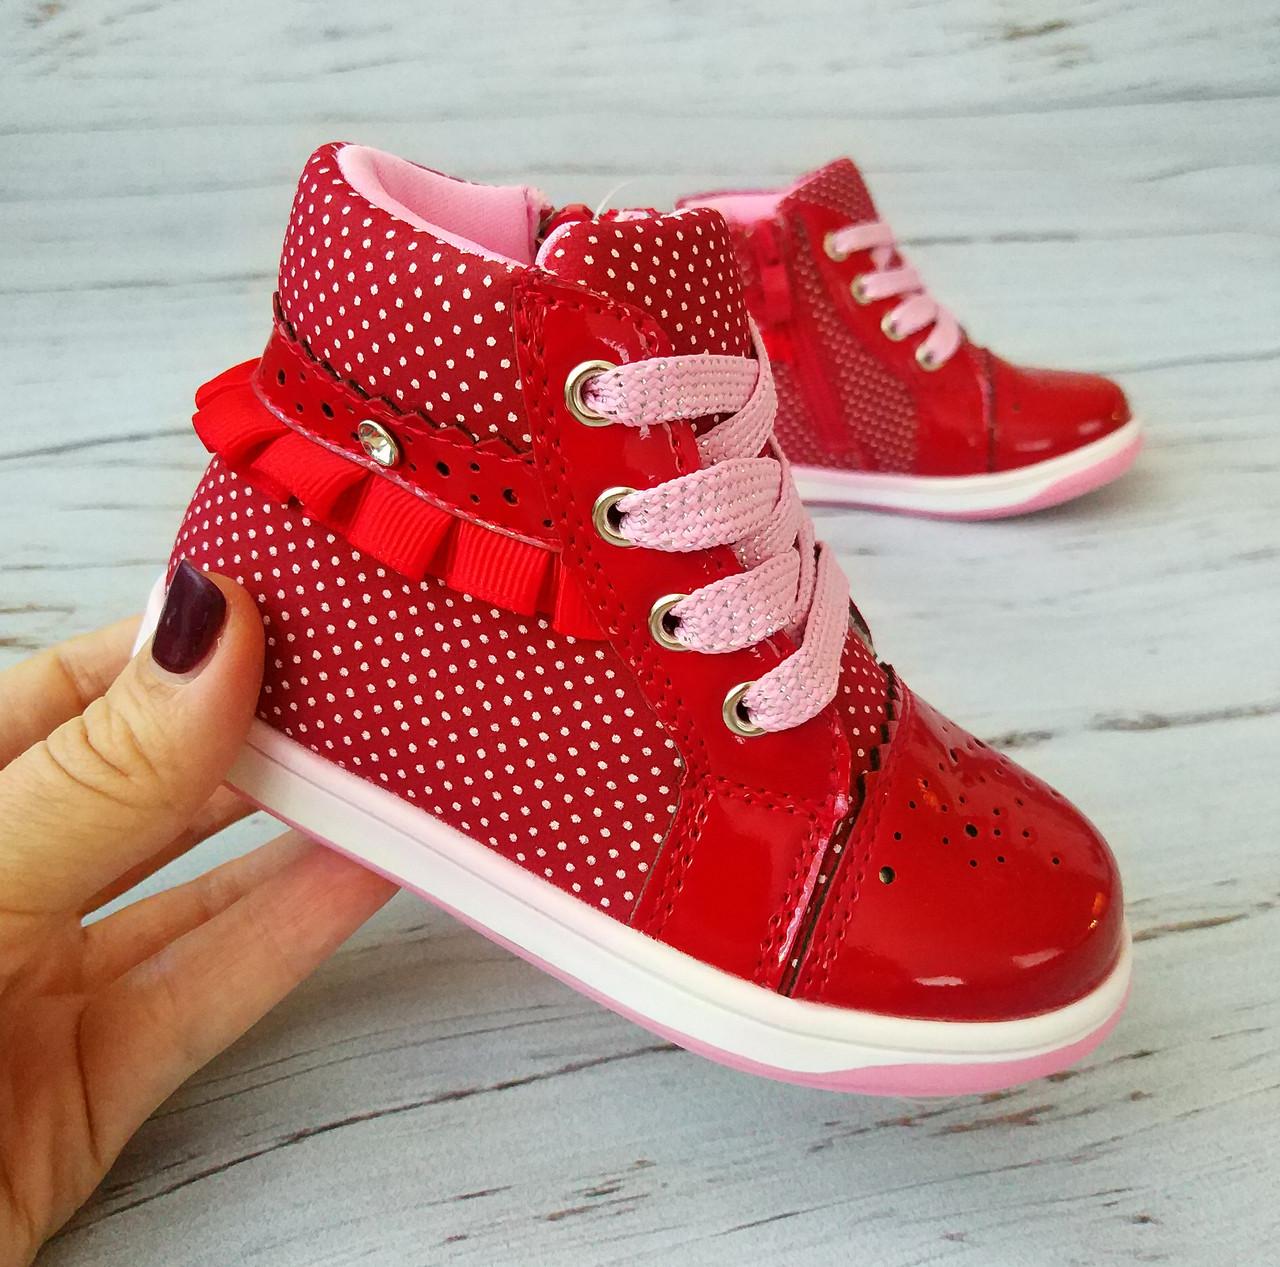 Ботинки для девочек, красные, Clibee 22р. по стельке 14,0 см